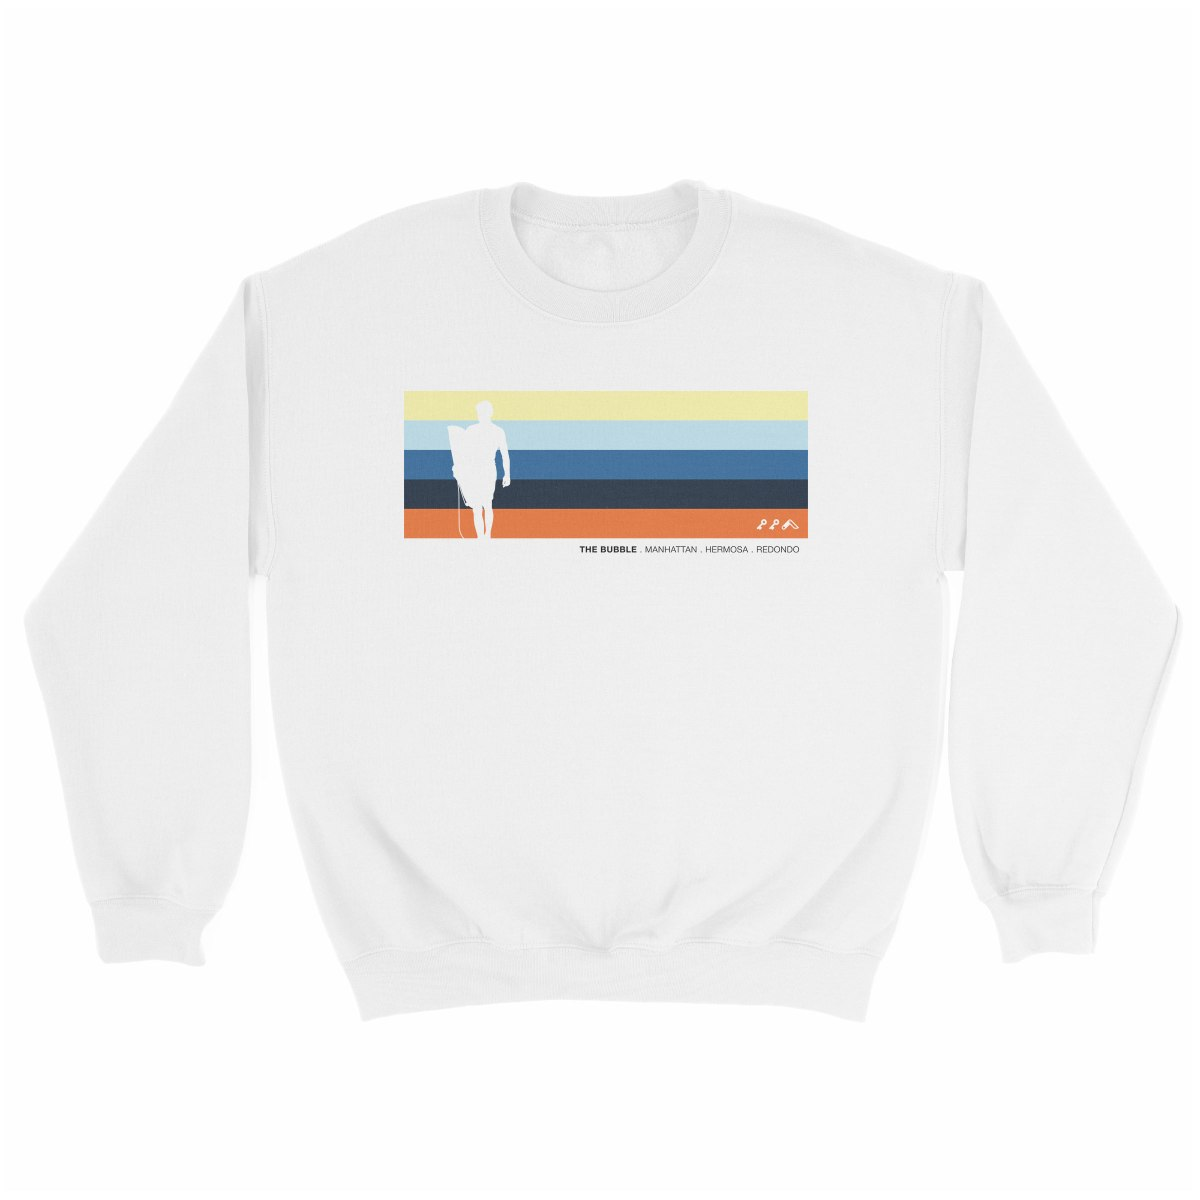 the bubble redondo hermosa manhattan beach sweatshirt in white by kikicutt sweatshirt store